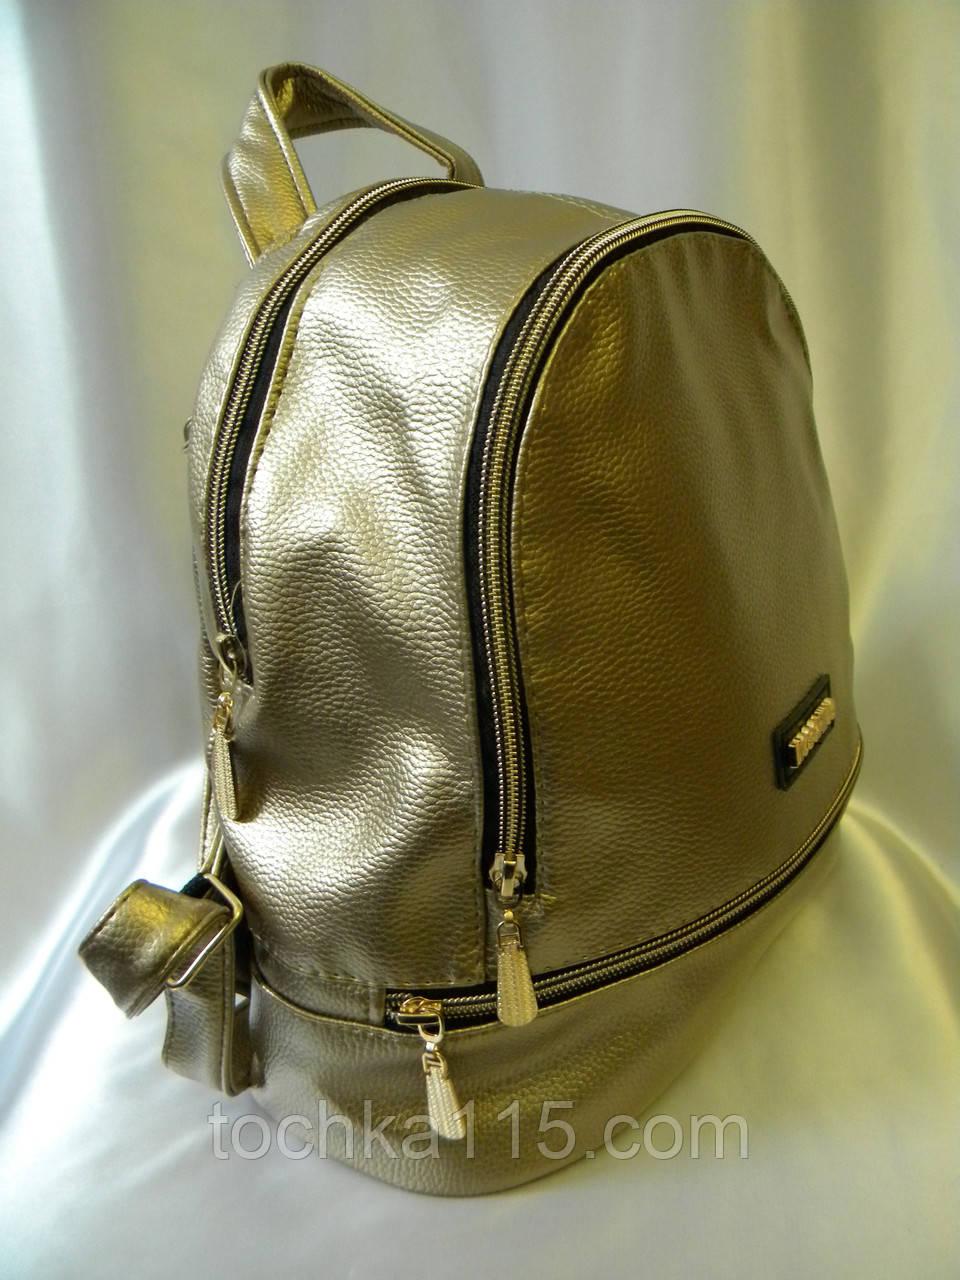 Женский стильный рюкзак MOSCHINO рюкзак женский золотистый реплика